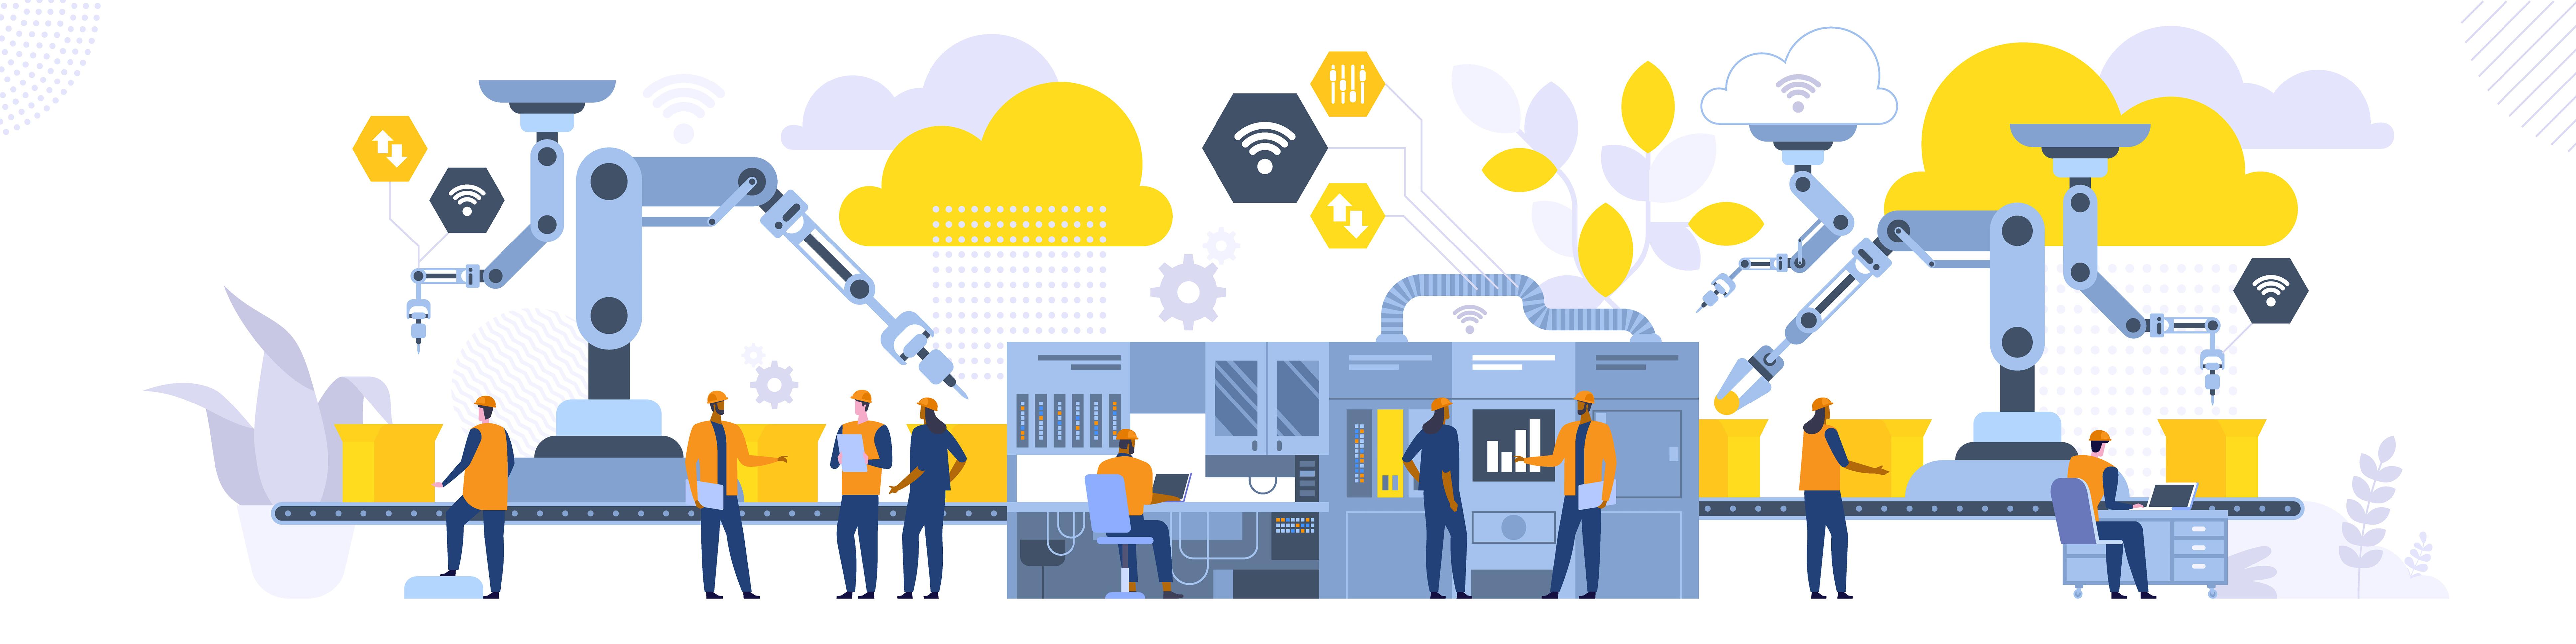 Digitalización en la manufactura